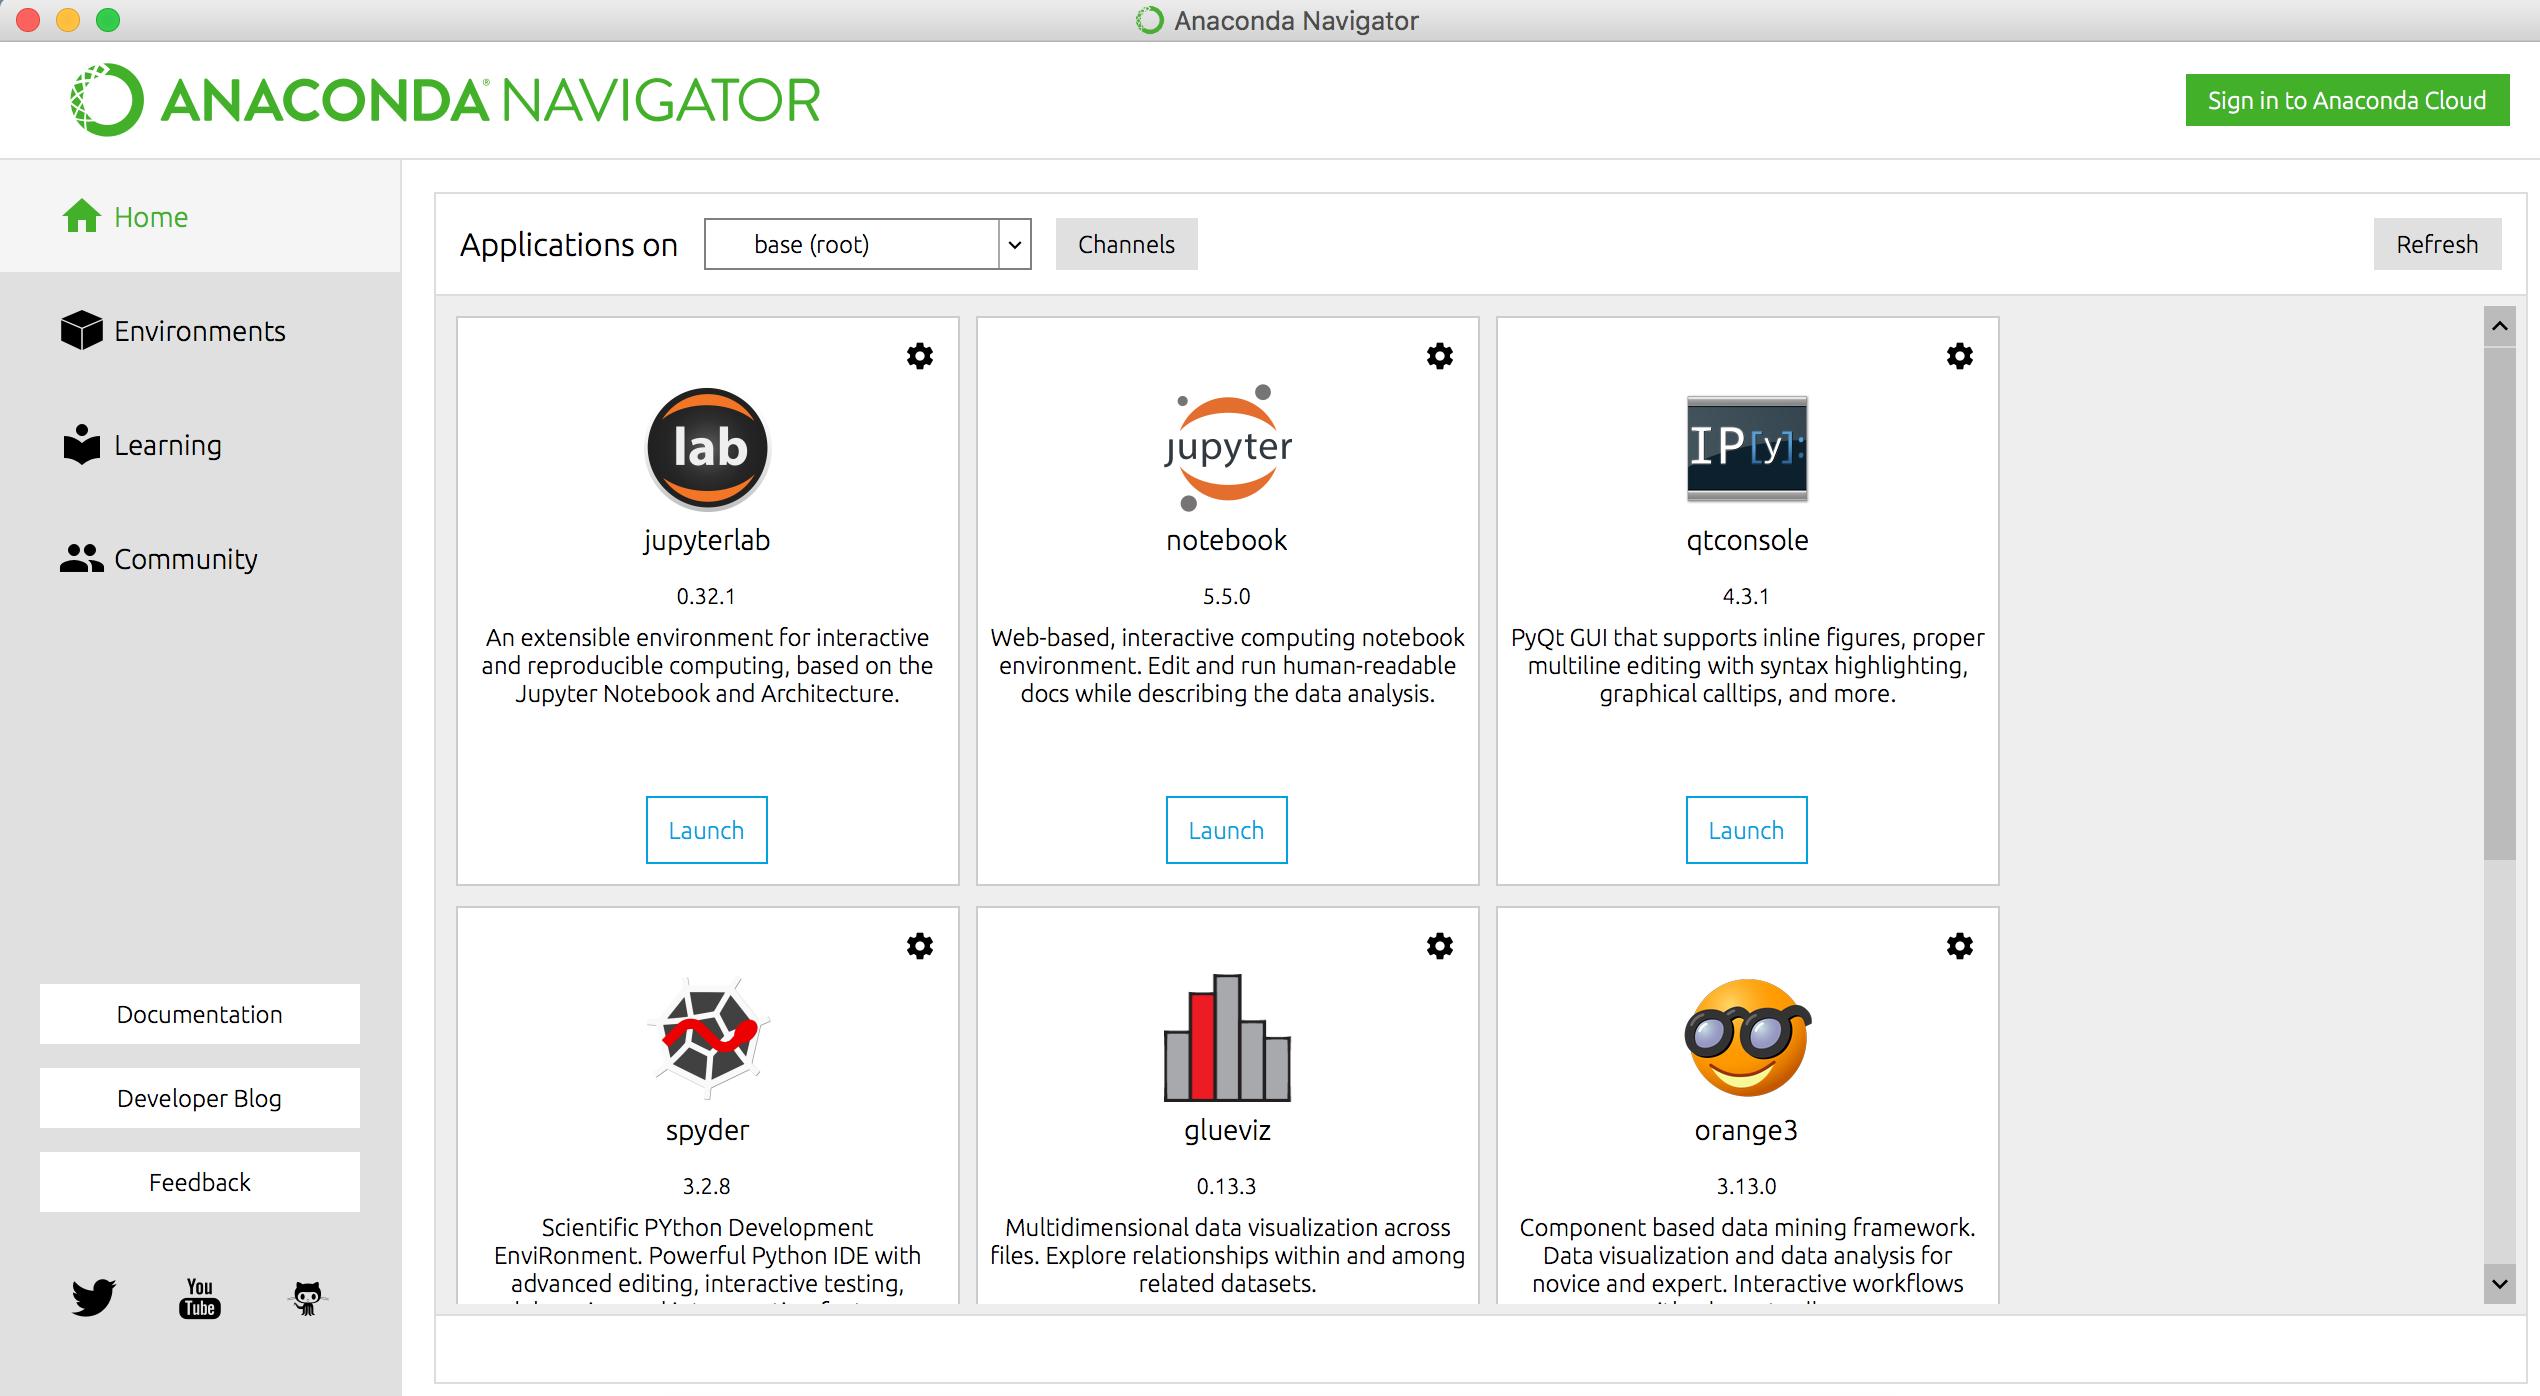 Выбор аналитических инструментов и приложений в программной платформе Anaconda